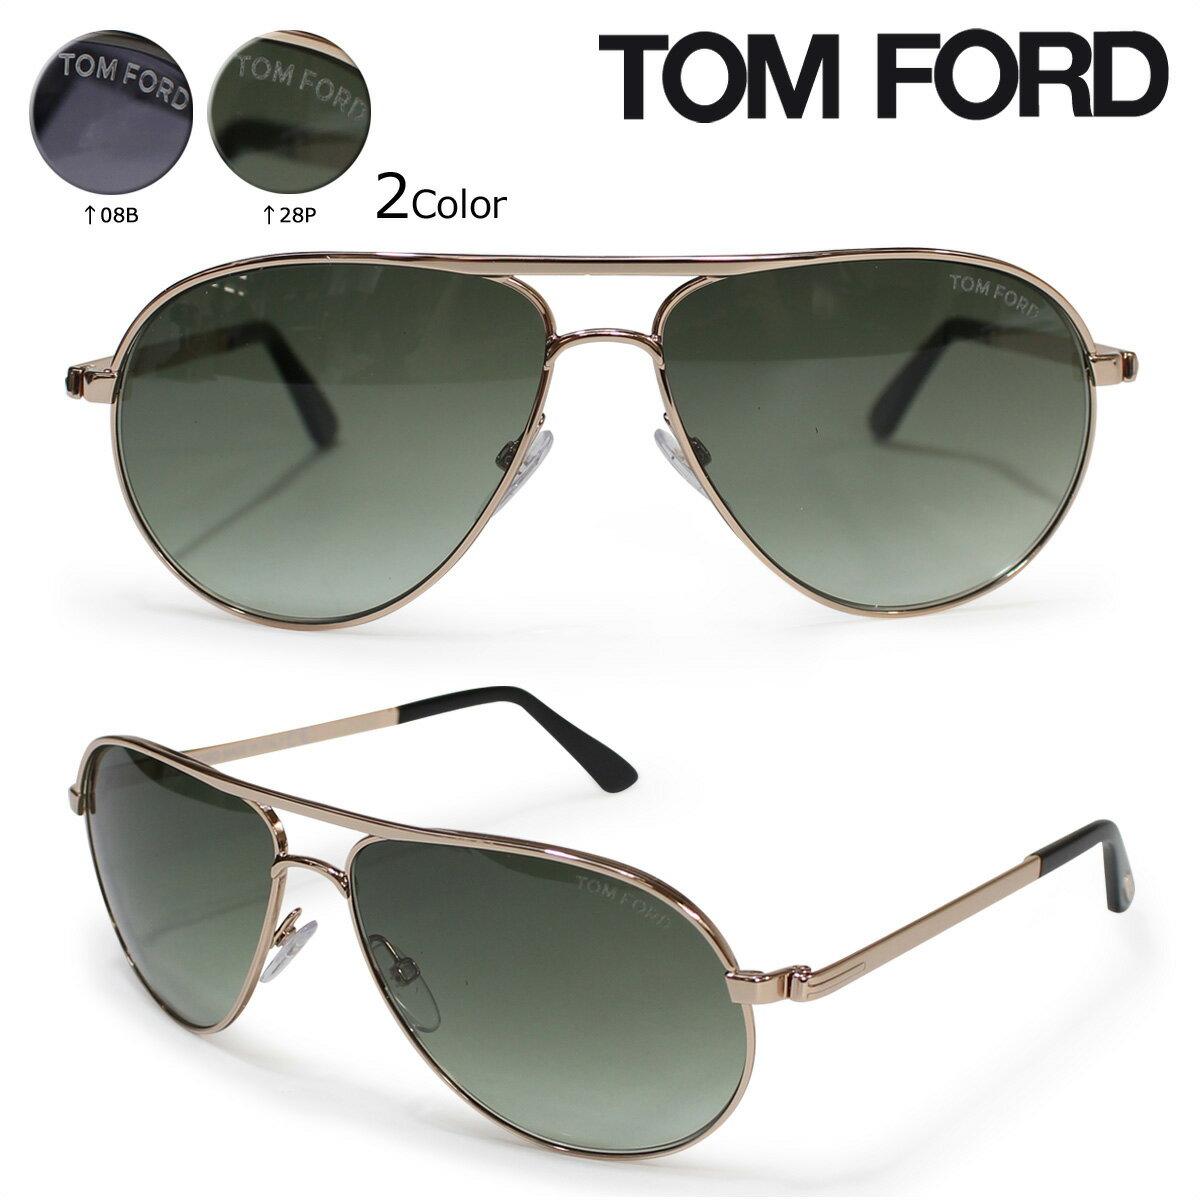 【最大2000円OFFクーポン】 トムフォード TOM FORD サングラス メンズ レディース アイウェア METAL SUNGLASSES FT0144 イタリア製